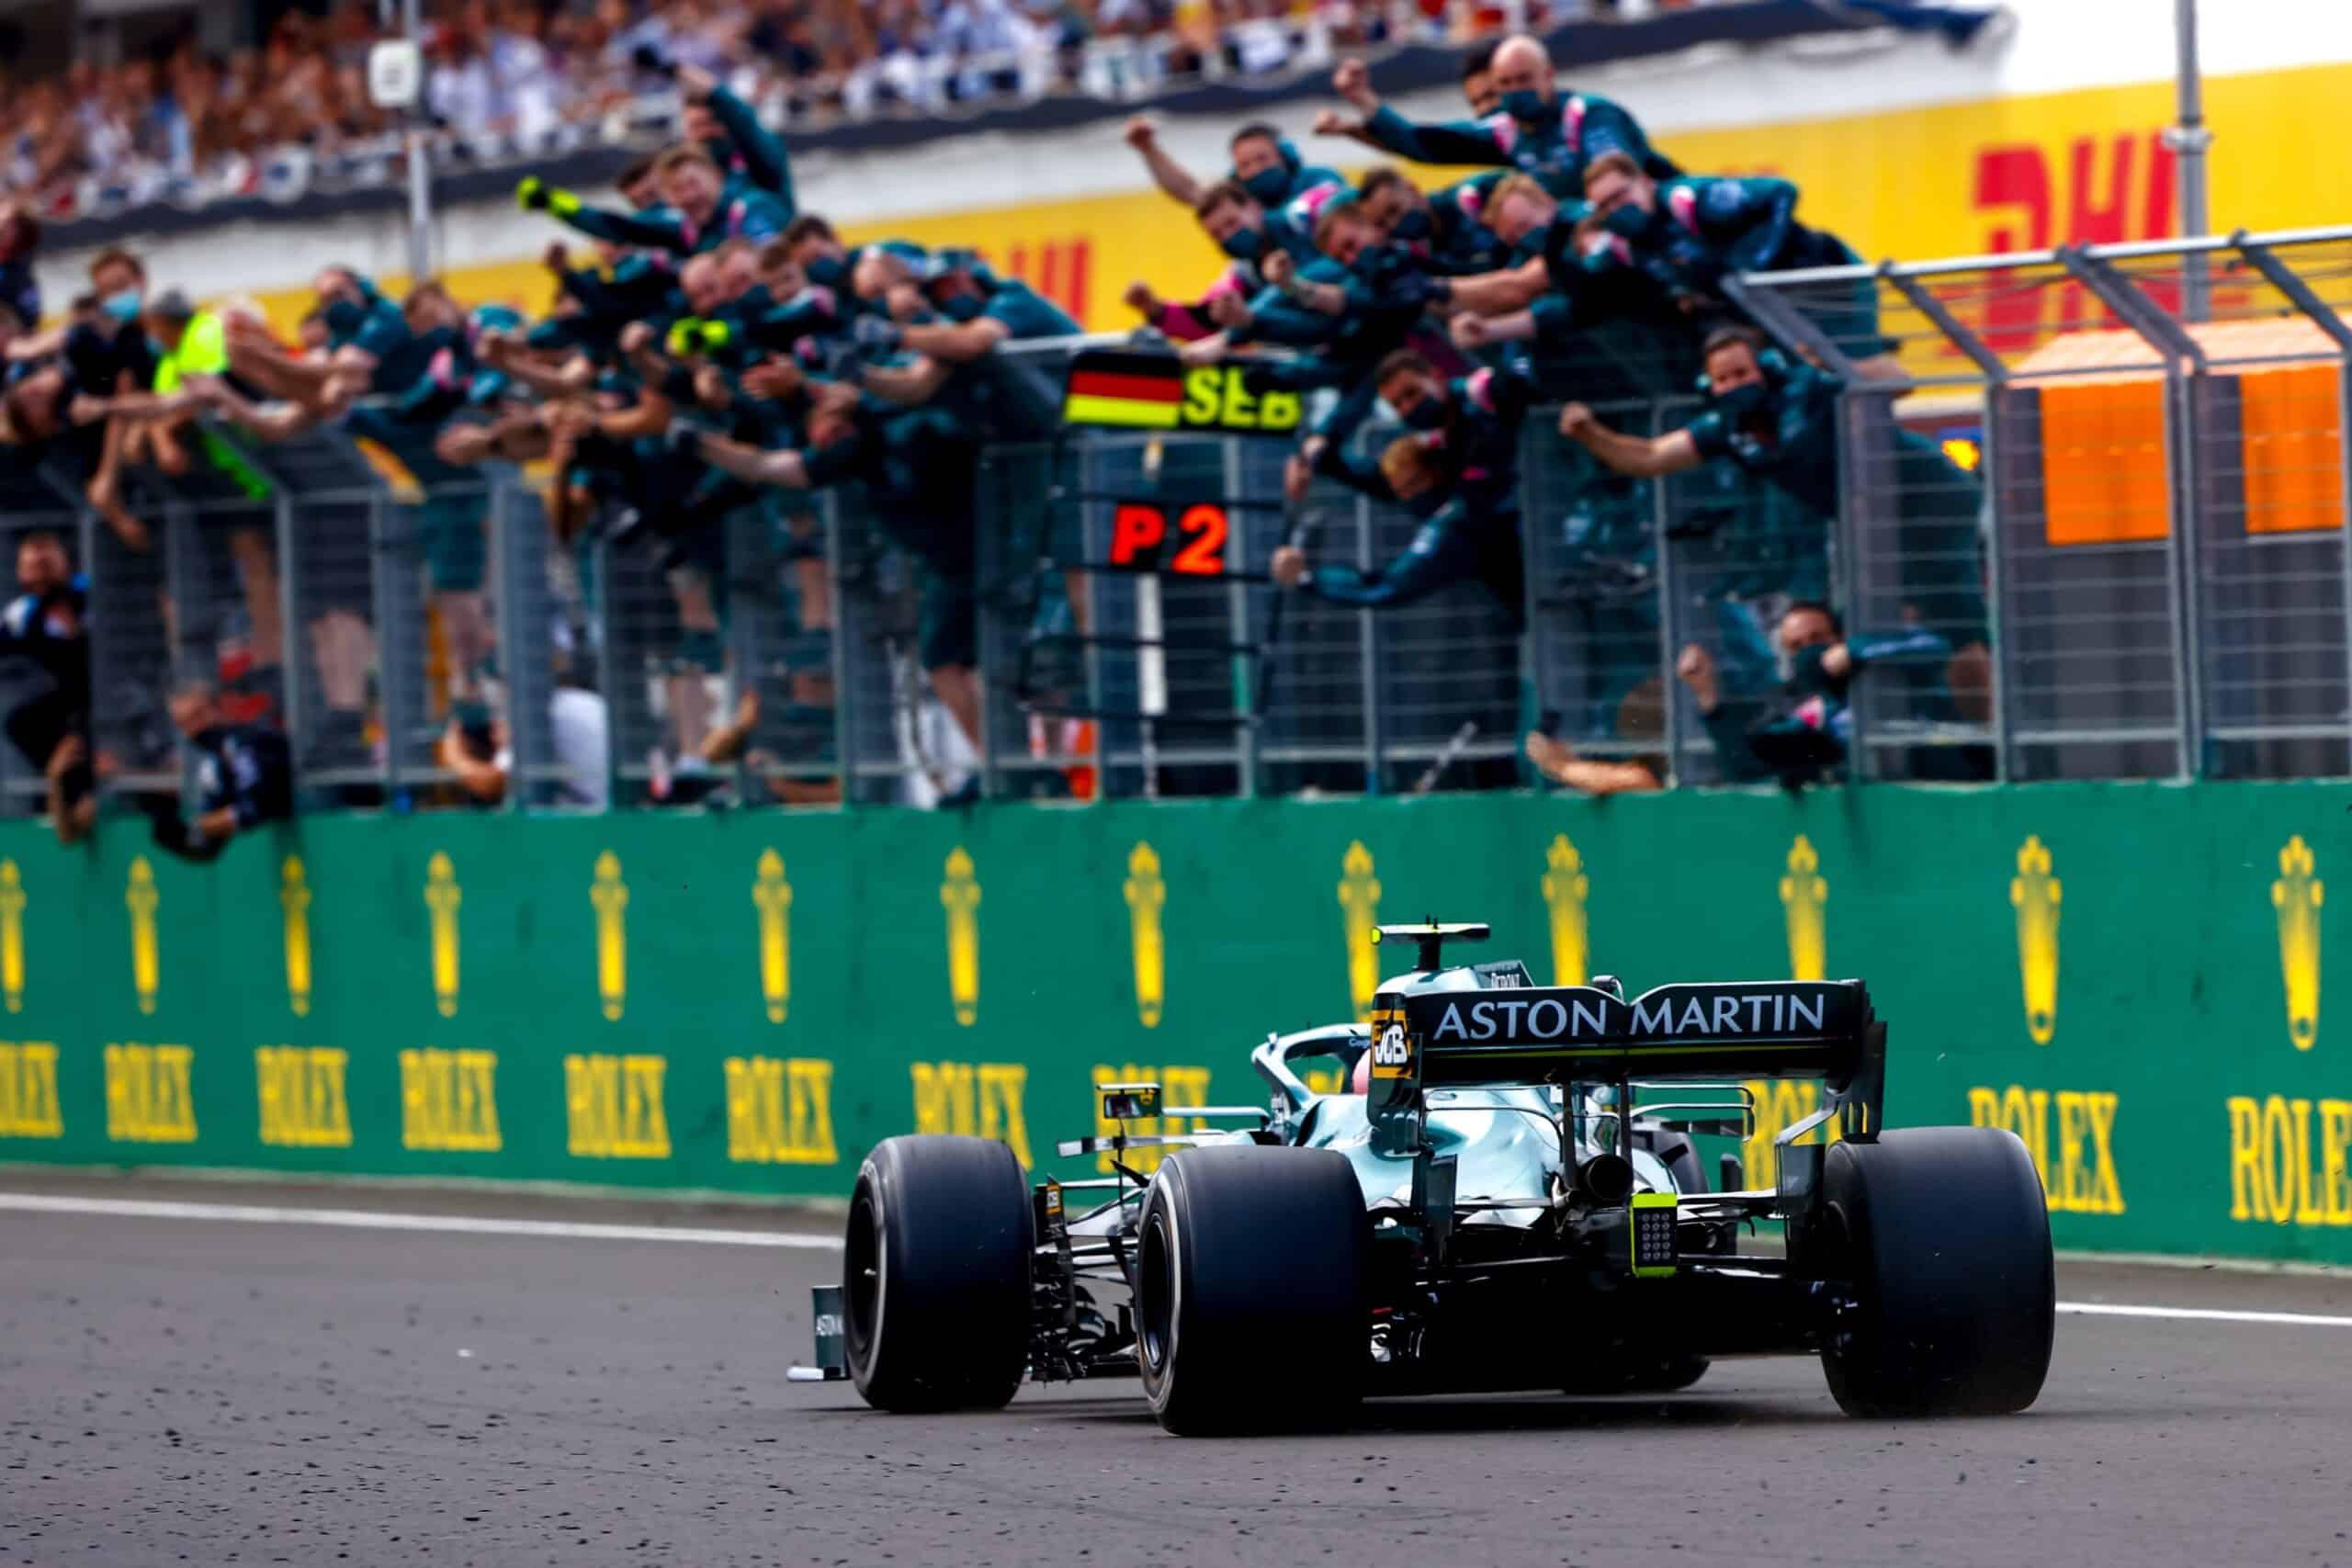 Aston Martin inicia procedimiento de apelación contra la descalificación de Vettel